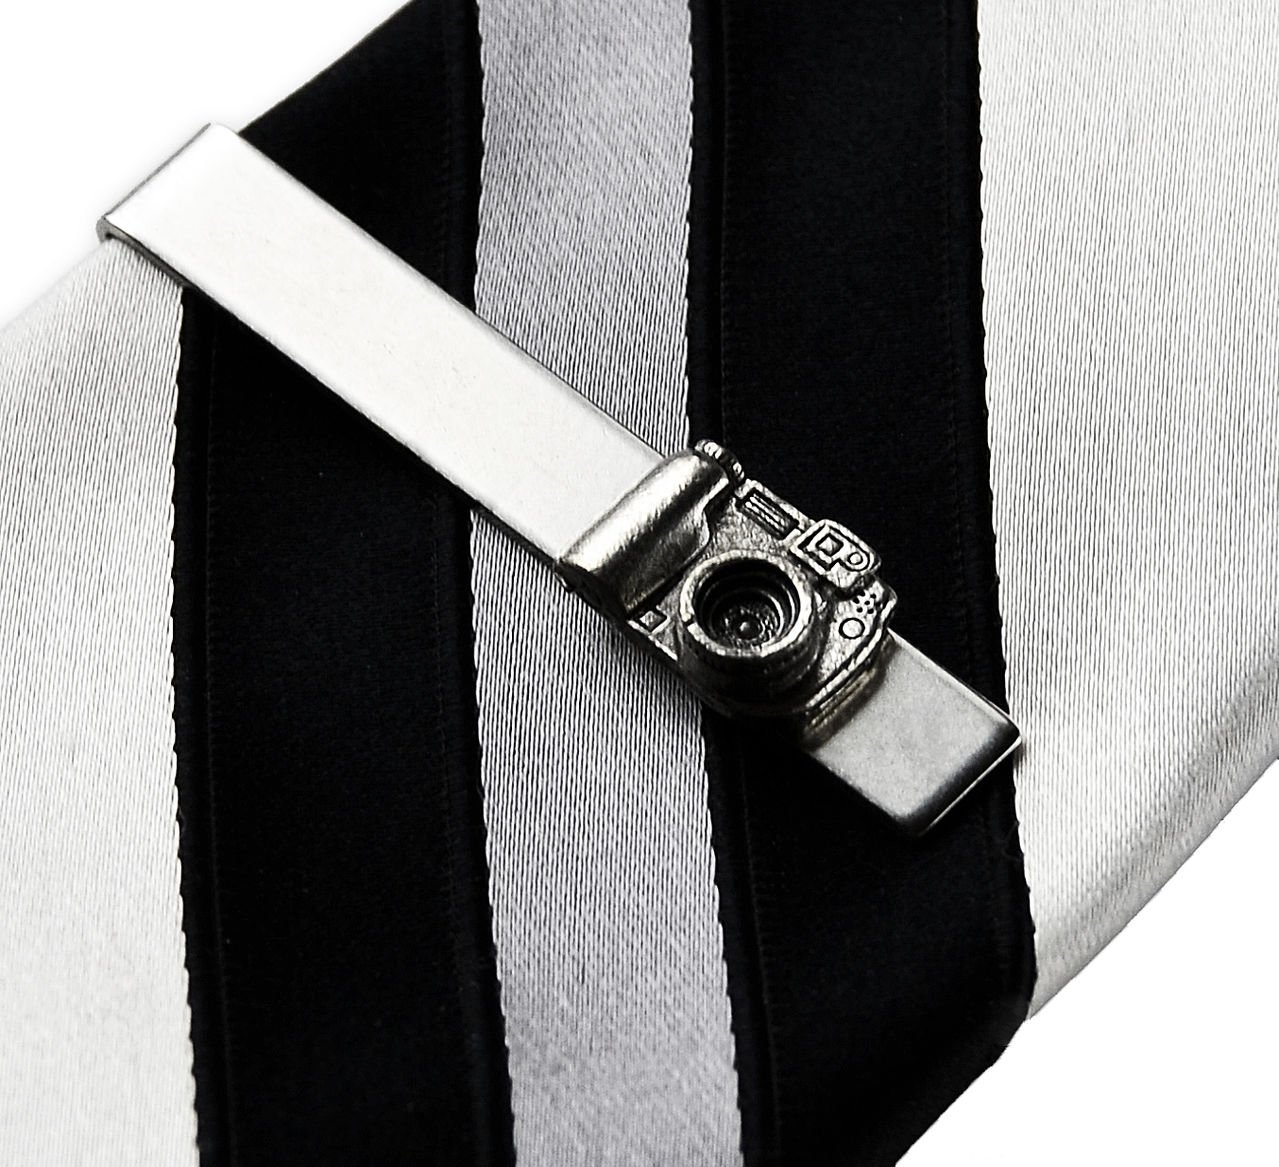 Quality Handcrafts Guaranteed Digital Camera Tie Clip